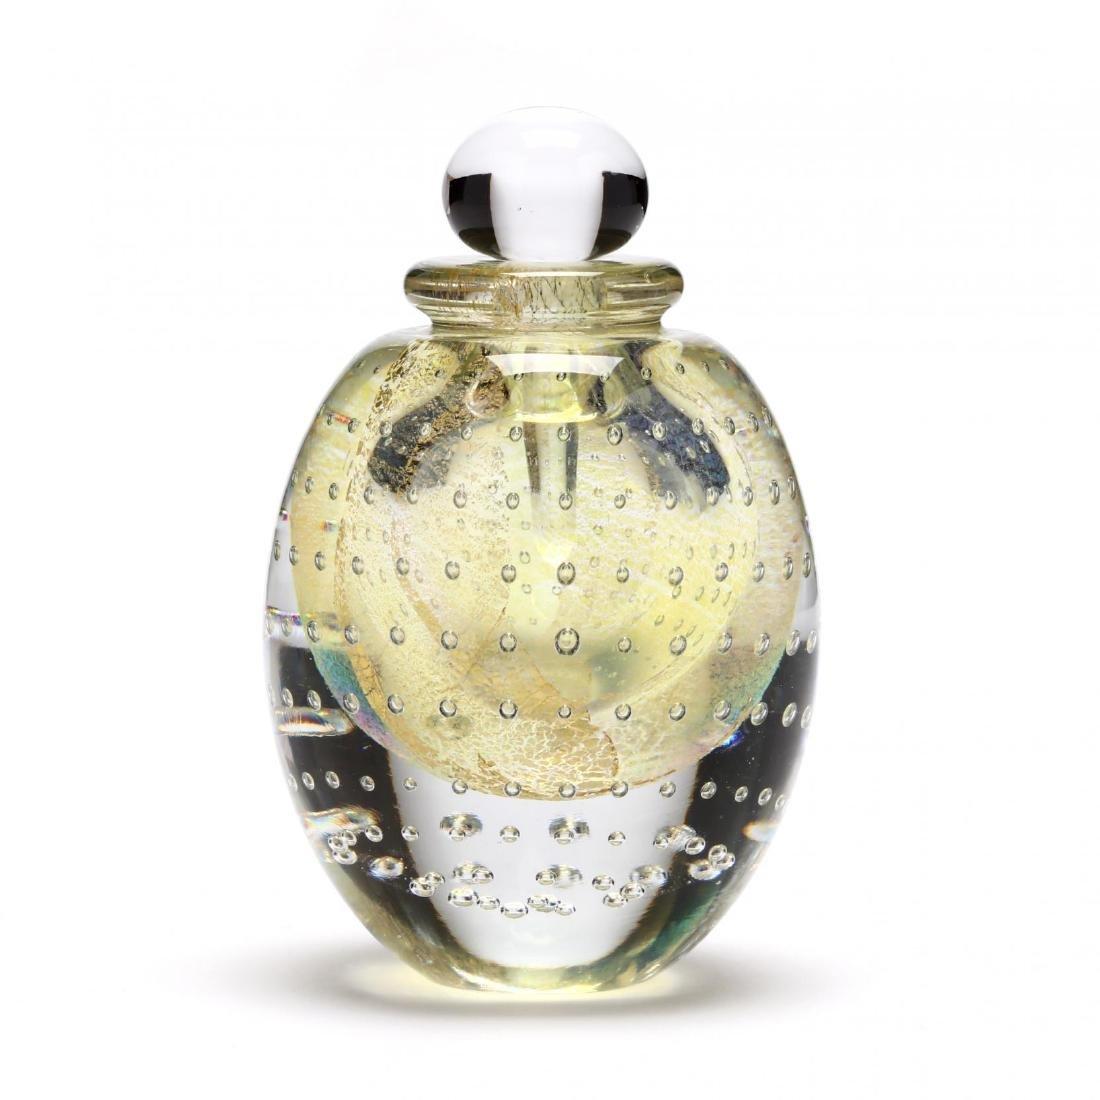 Eickholt Art Glass Scent Bottle